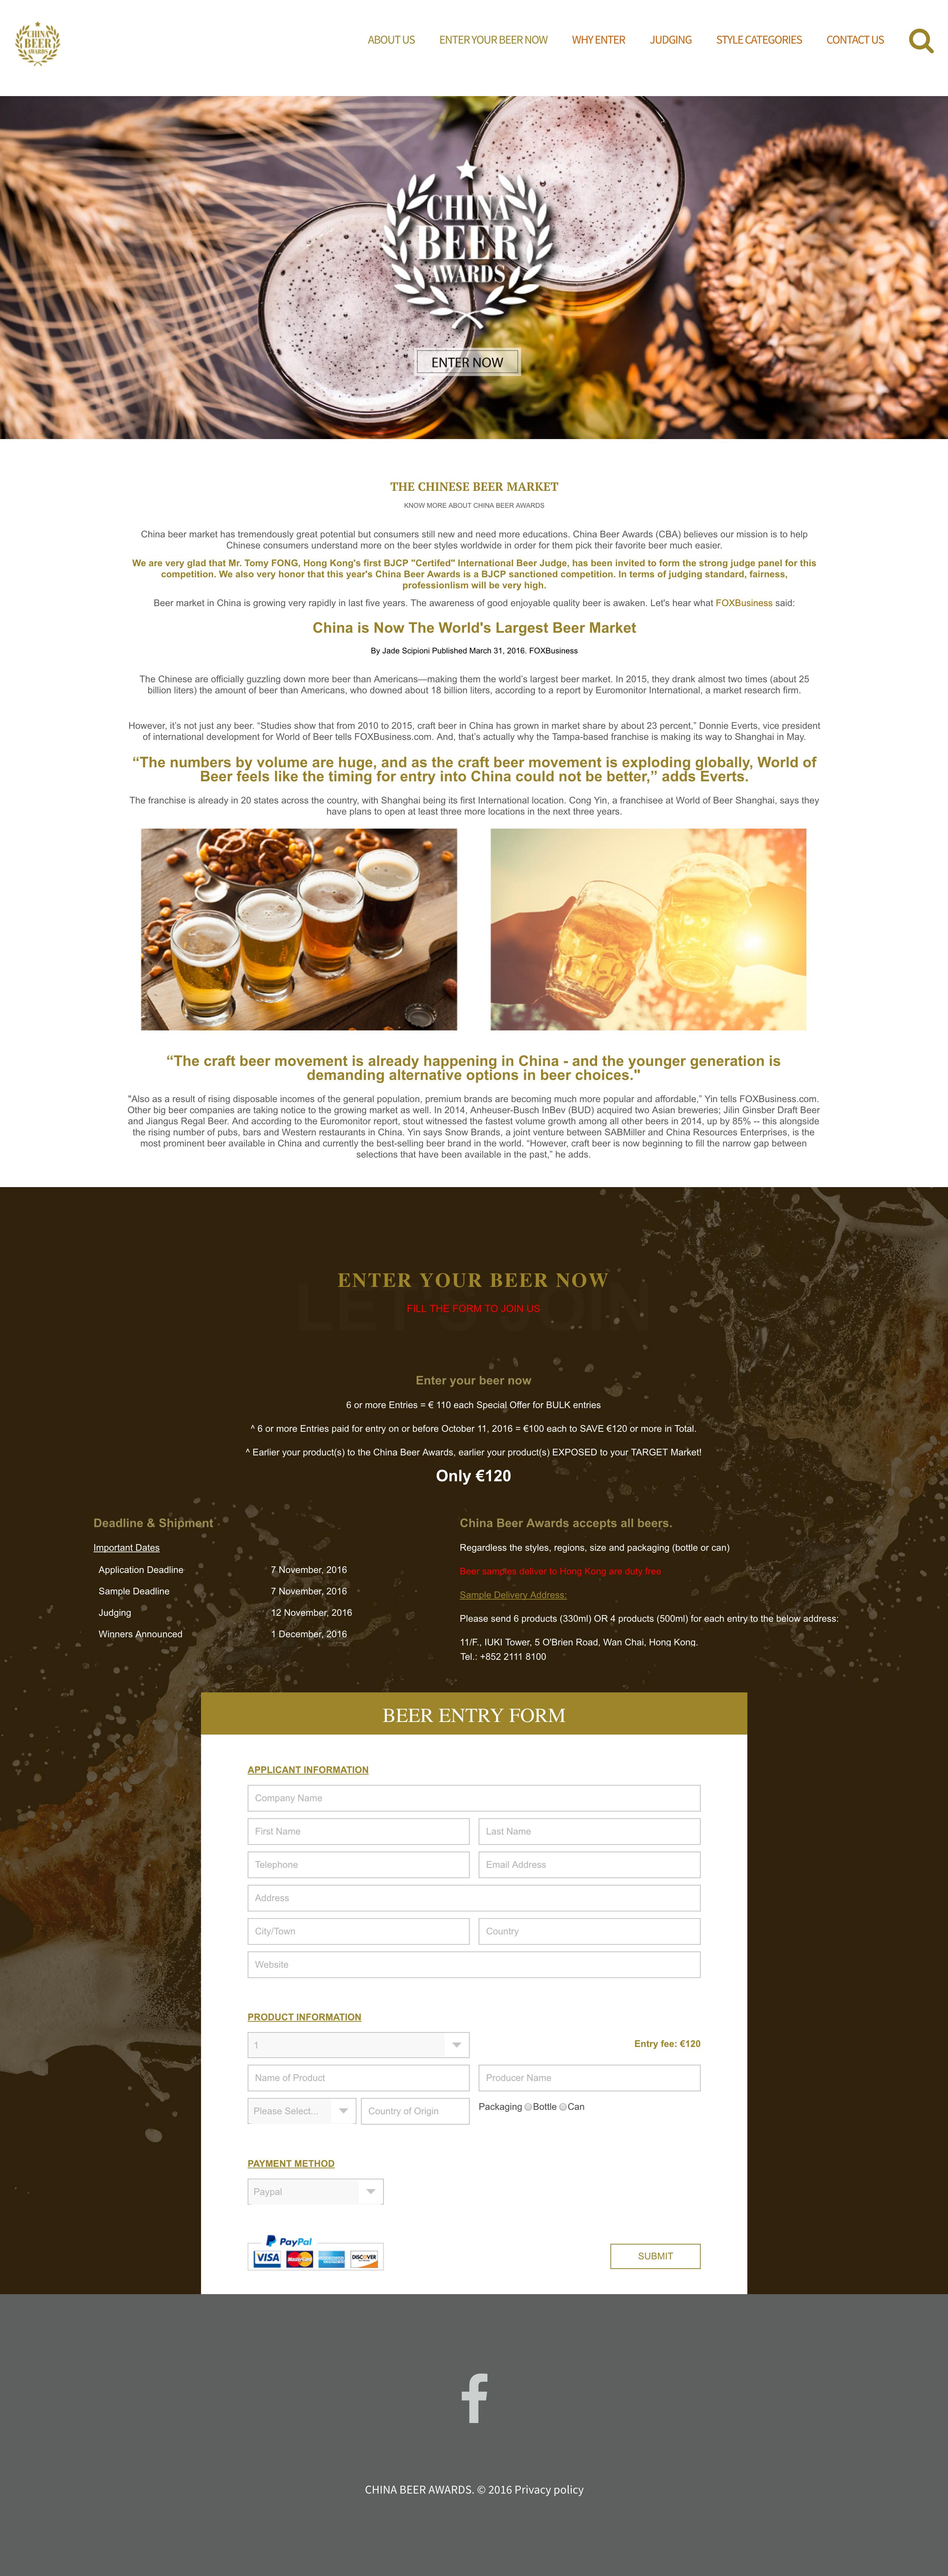 China Beer Awards